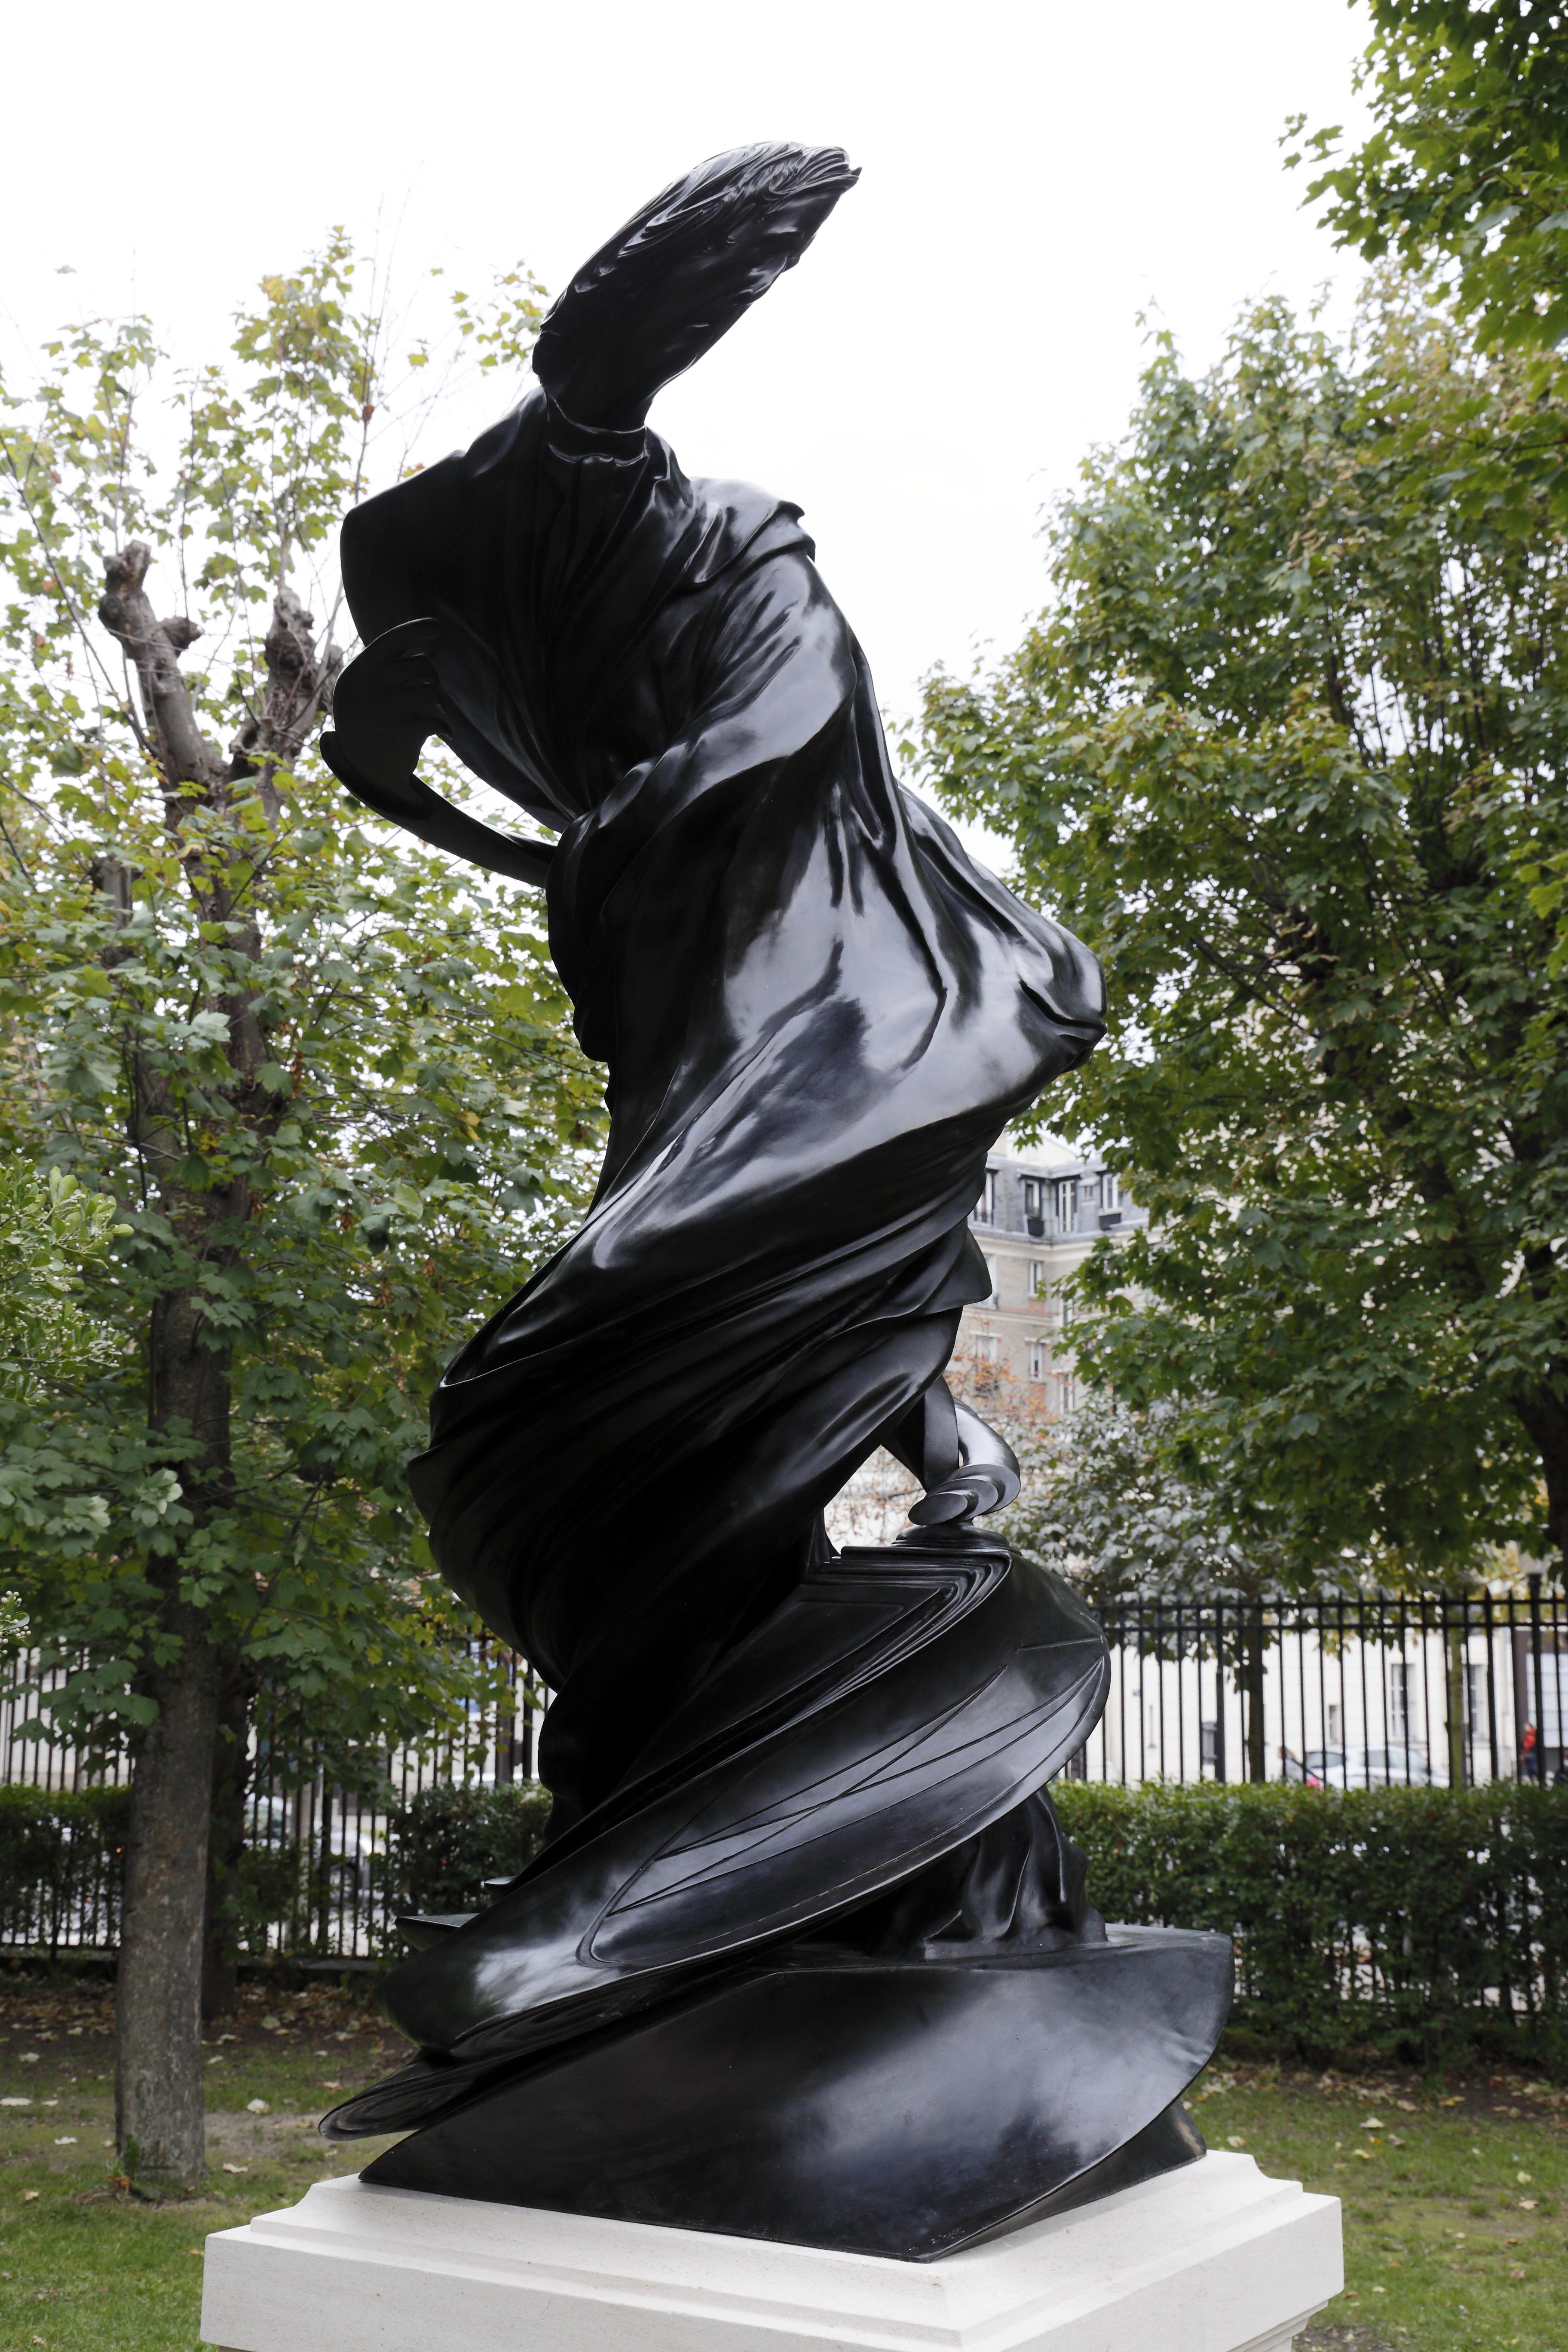 La statue Arago, tout juste inaugurée dans les jardins de l'Observatoire de Paris. © Pascal Blonde, Observatoire de Paris